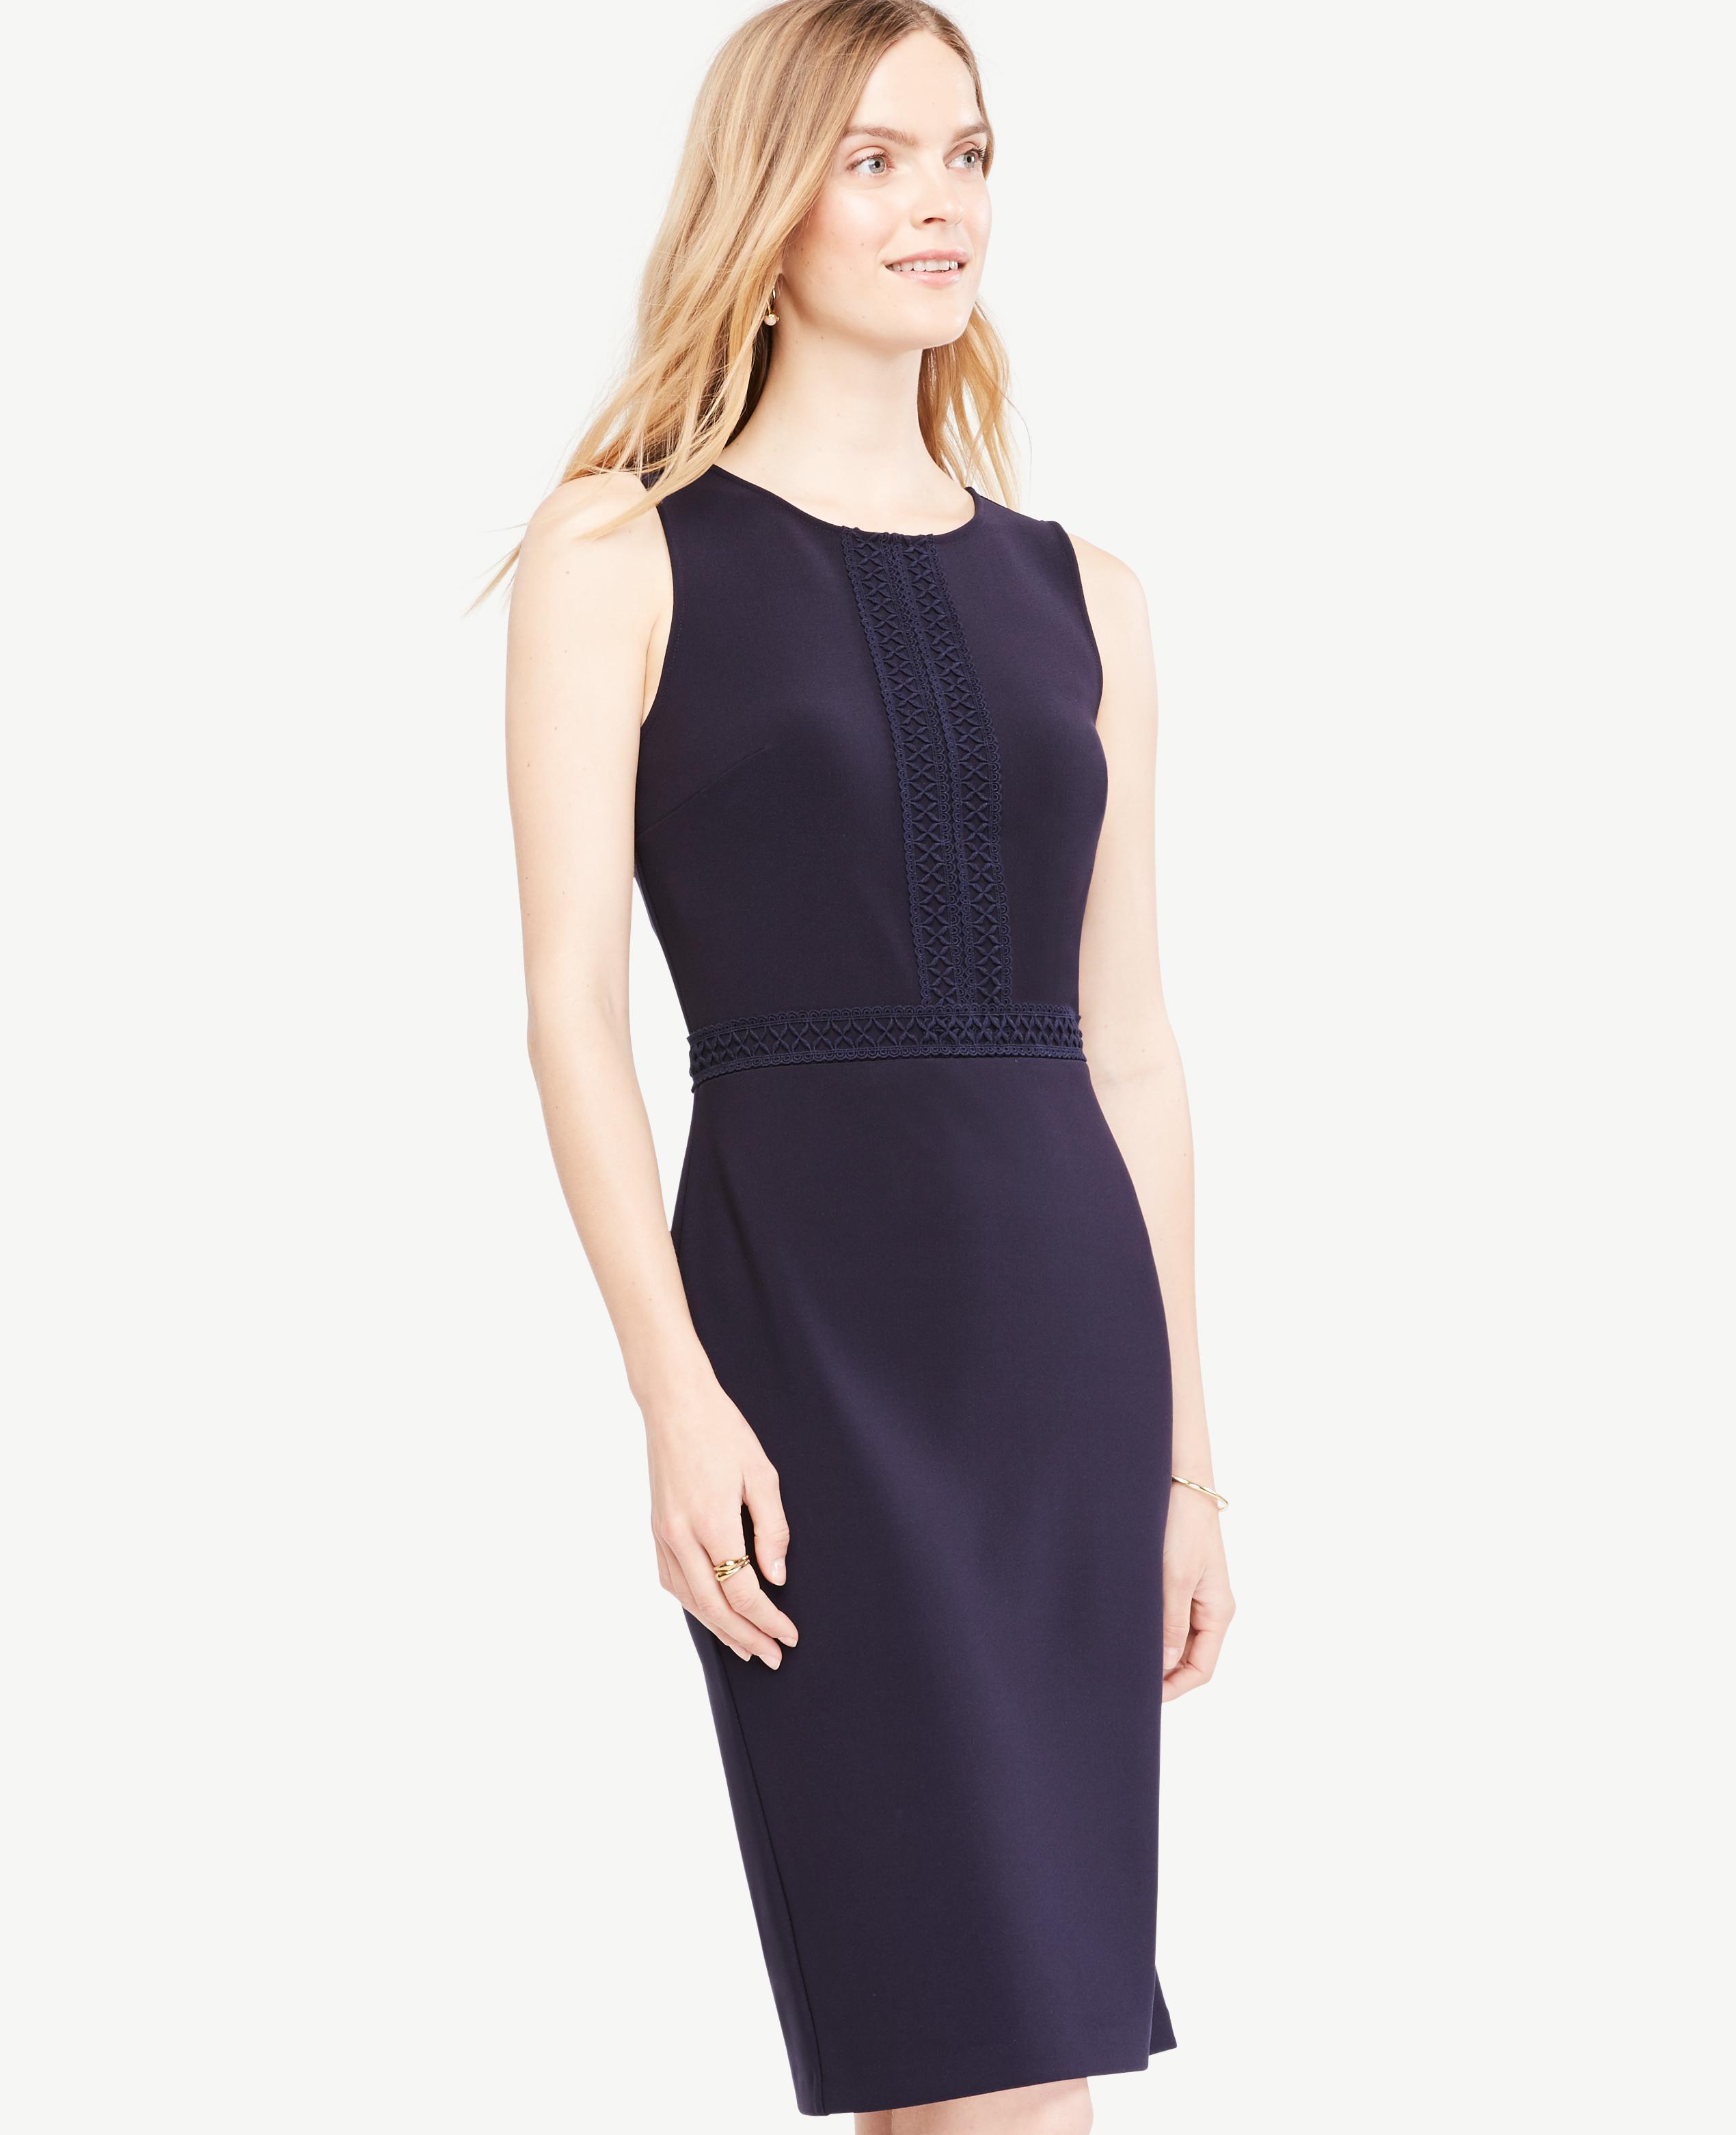 Lyst - Ann Taylor Lace Trim Sheath Dress in Blue